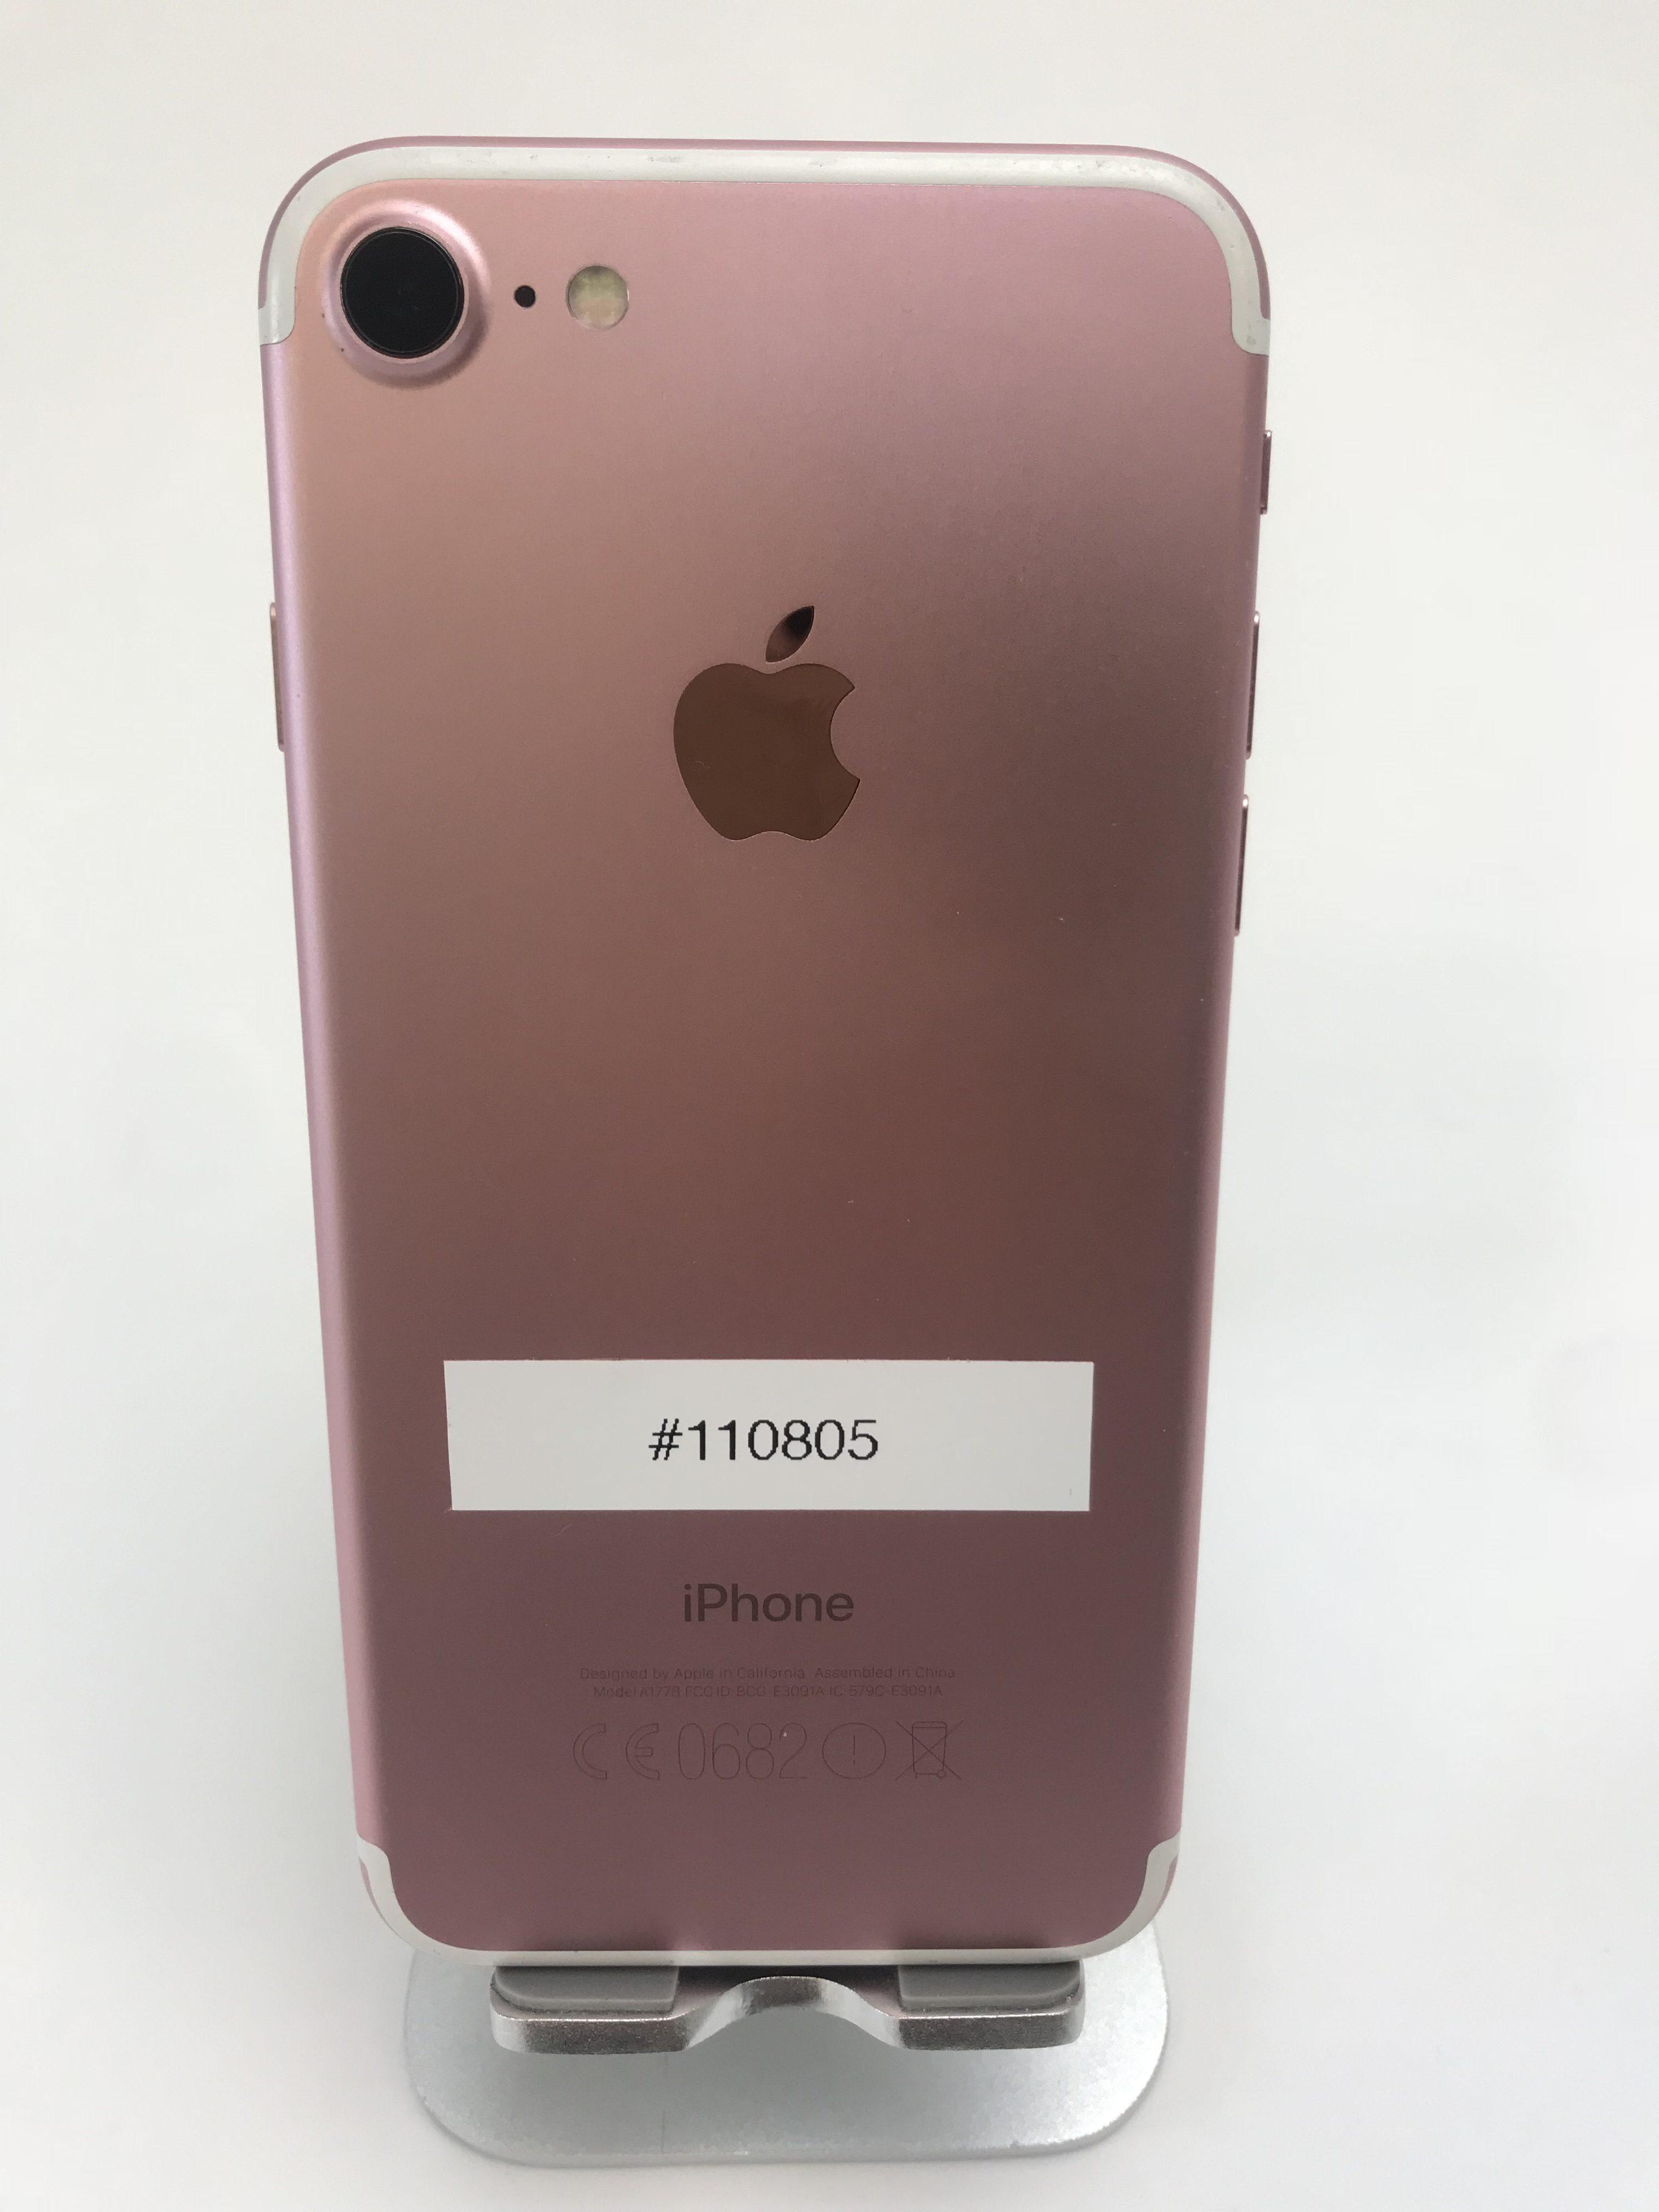 iPhone 7 32GB, 32GB, Rose Gold, image 2